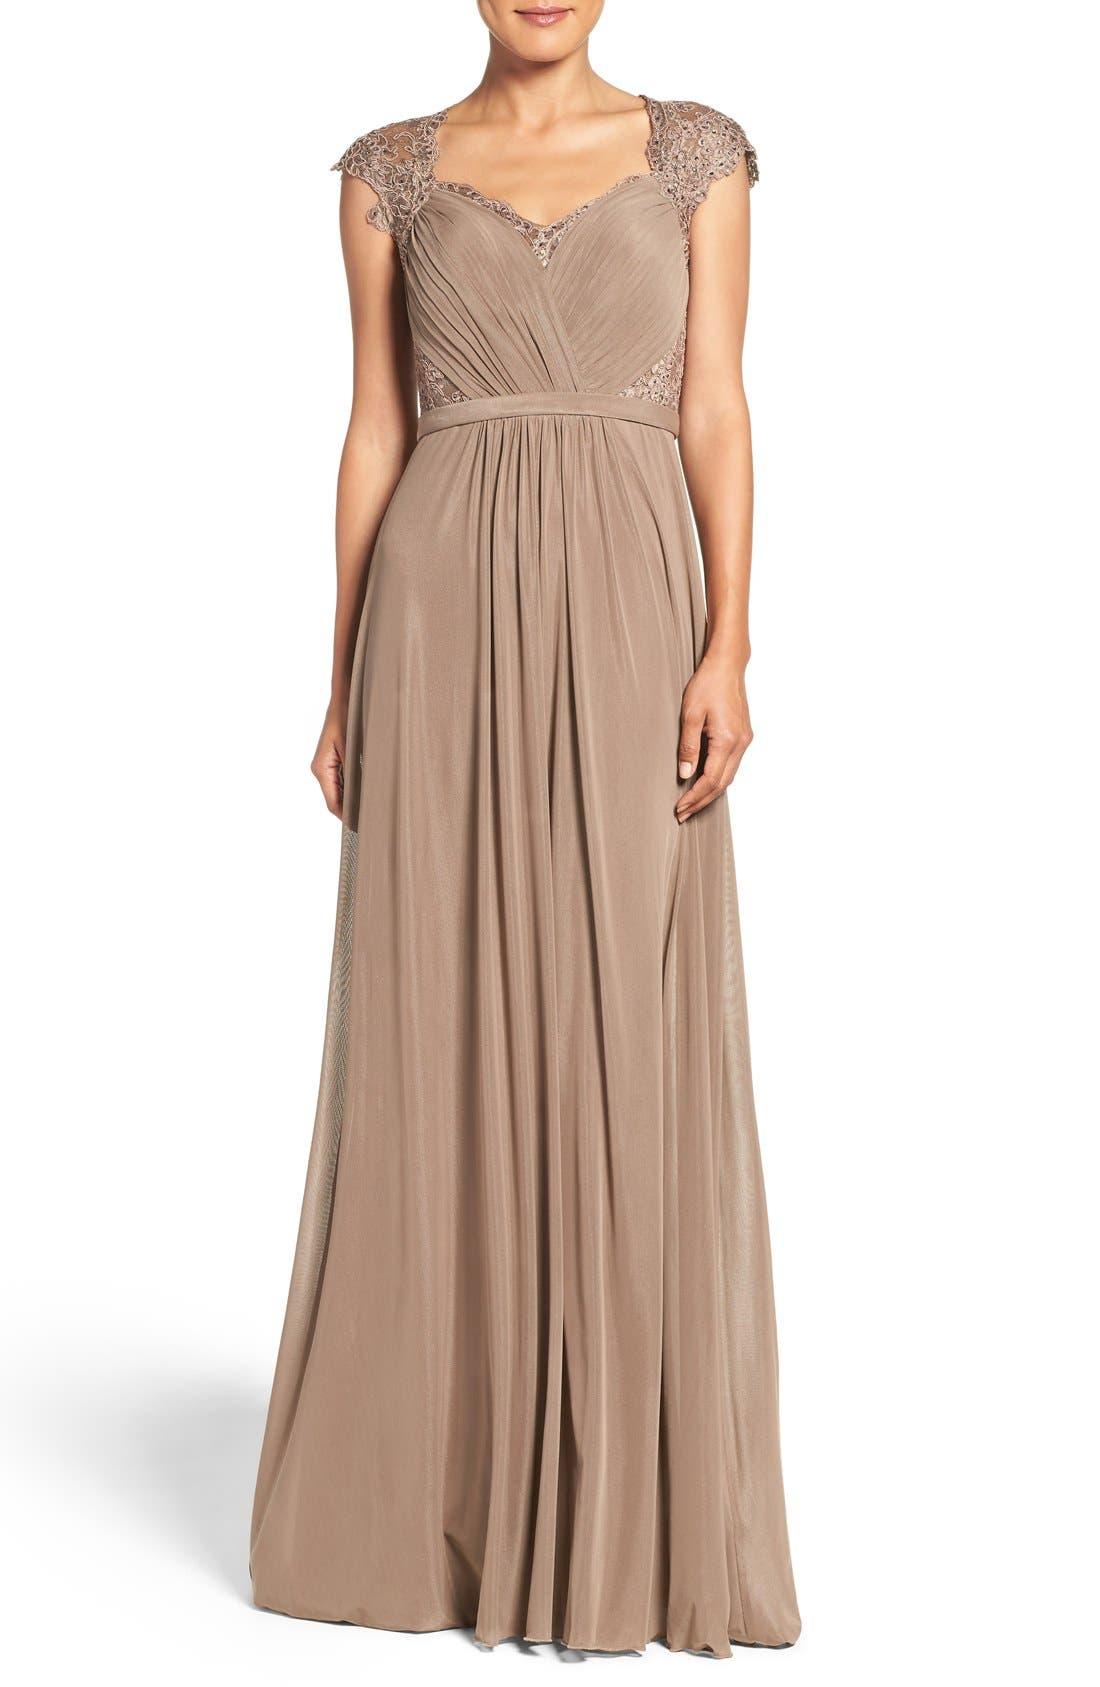 La Femme Mixed Media Gown